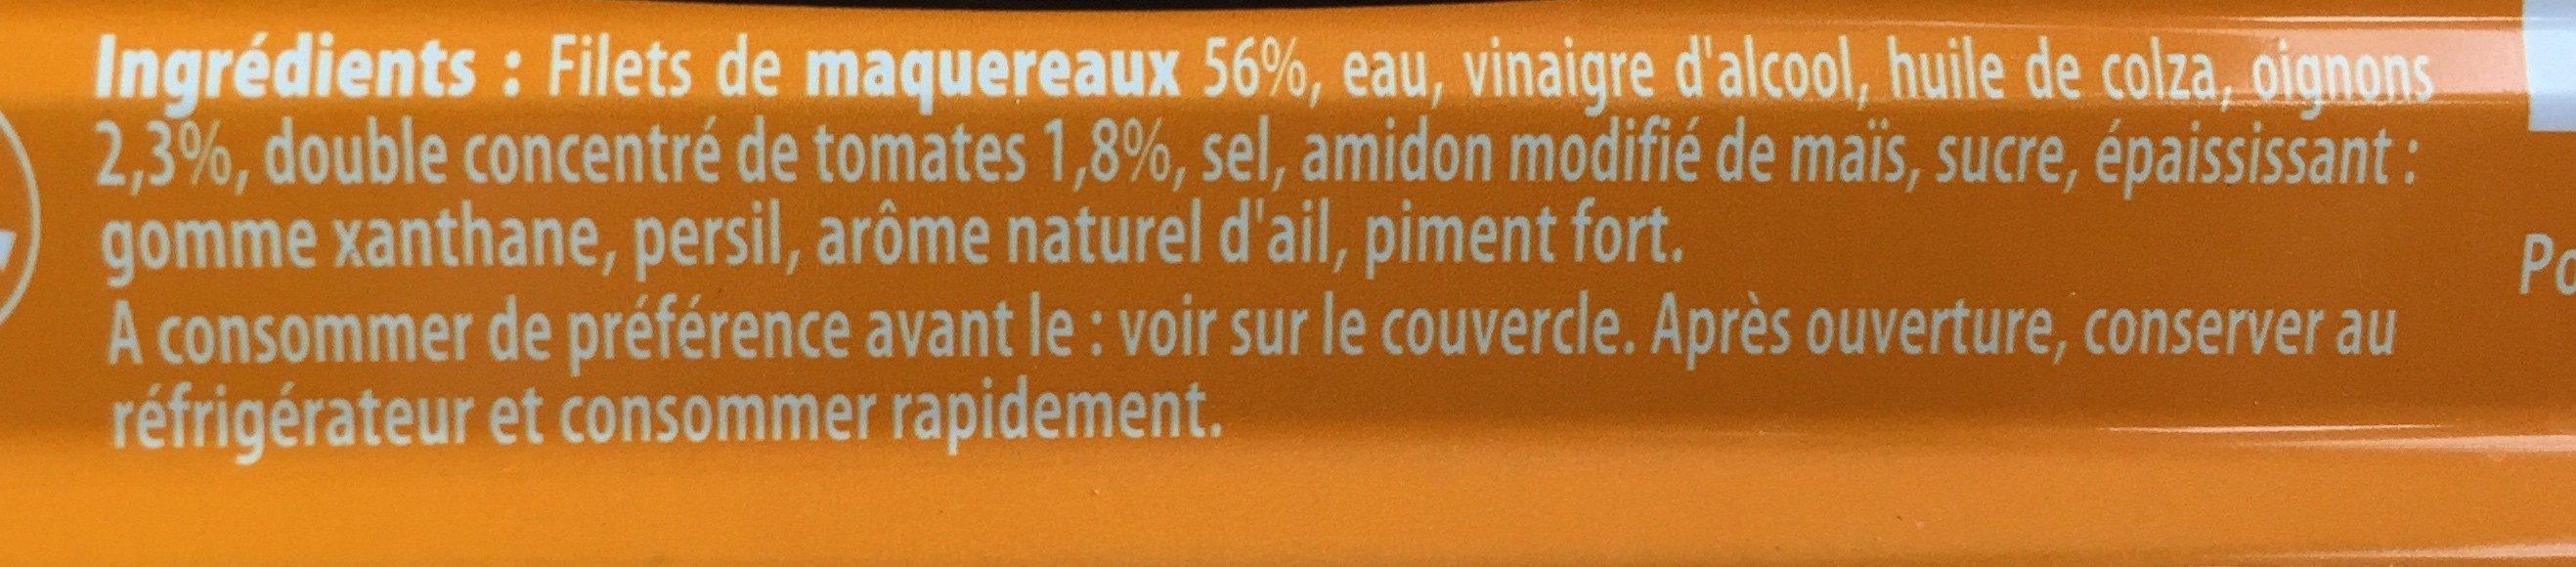 Filets de maquereaux sauce Escabèche - Ingredients